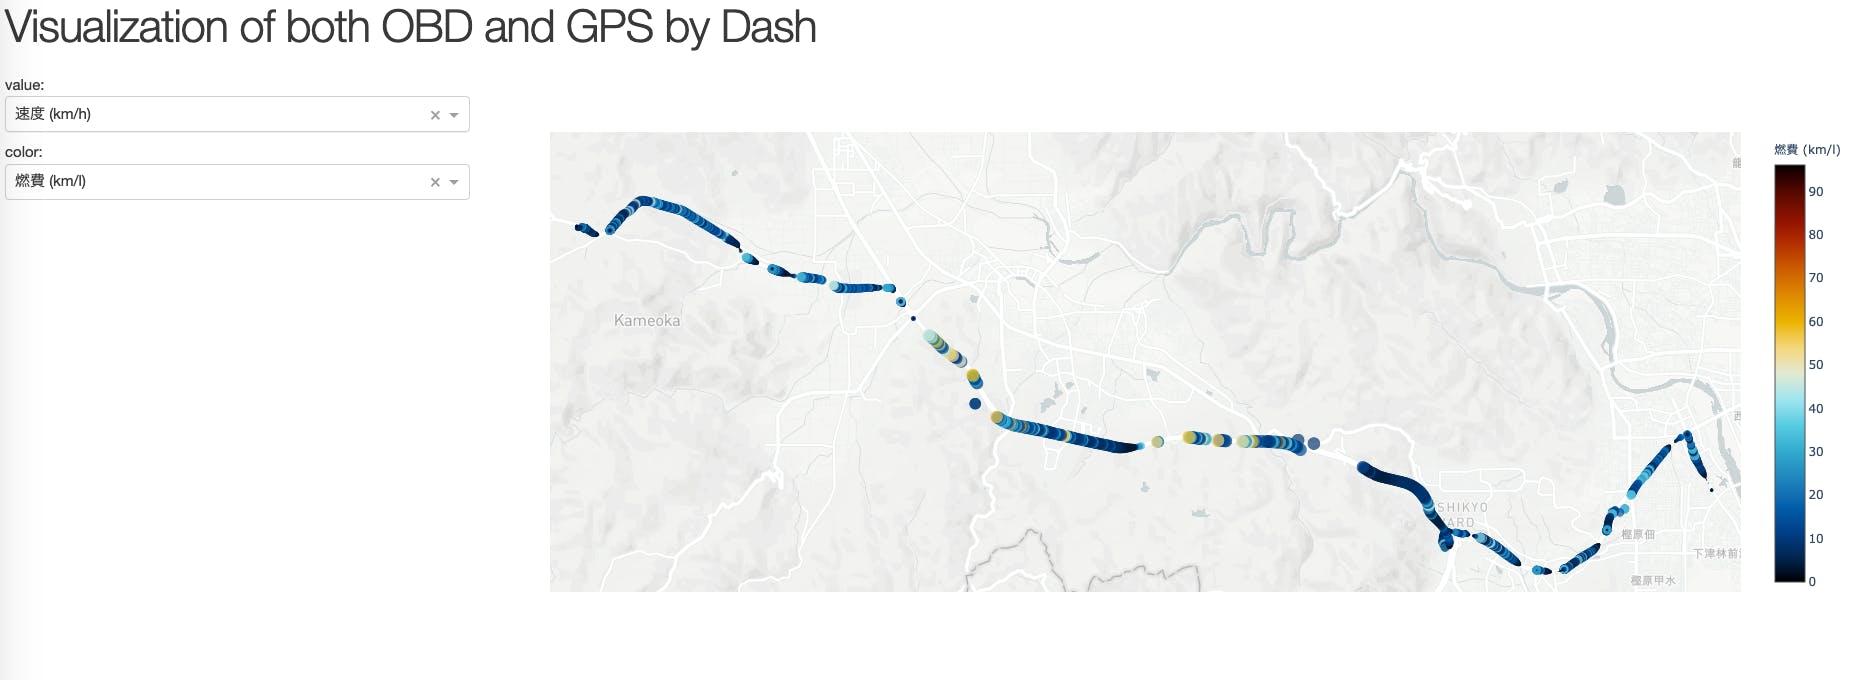 OBDから取得した車両データをDashとPlotly Expressで可視化する その2